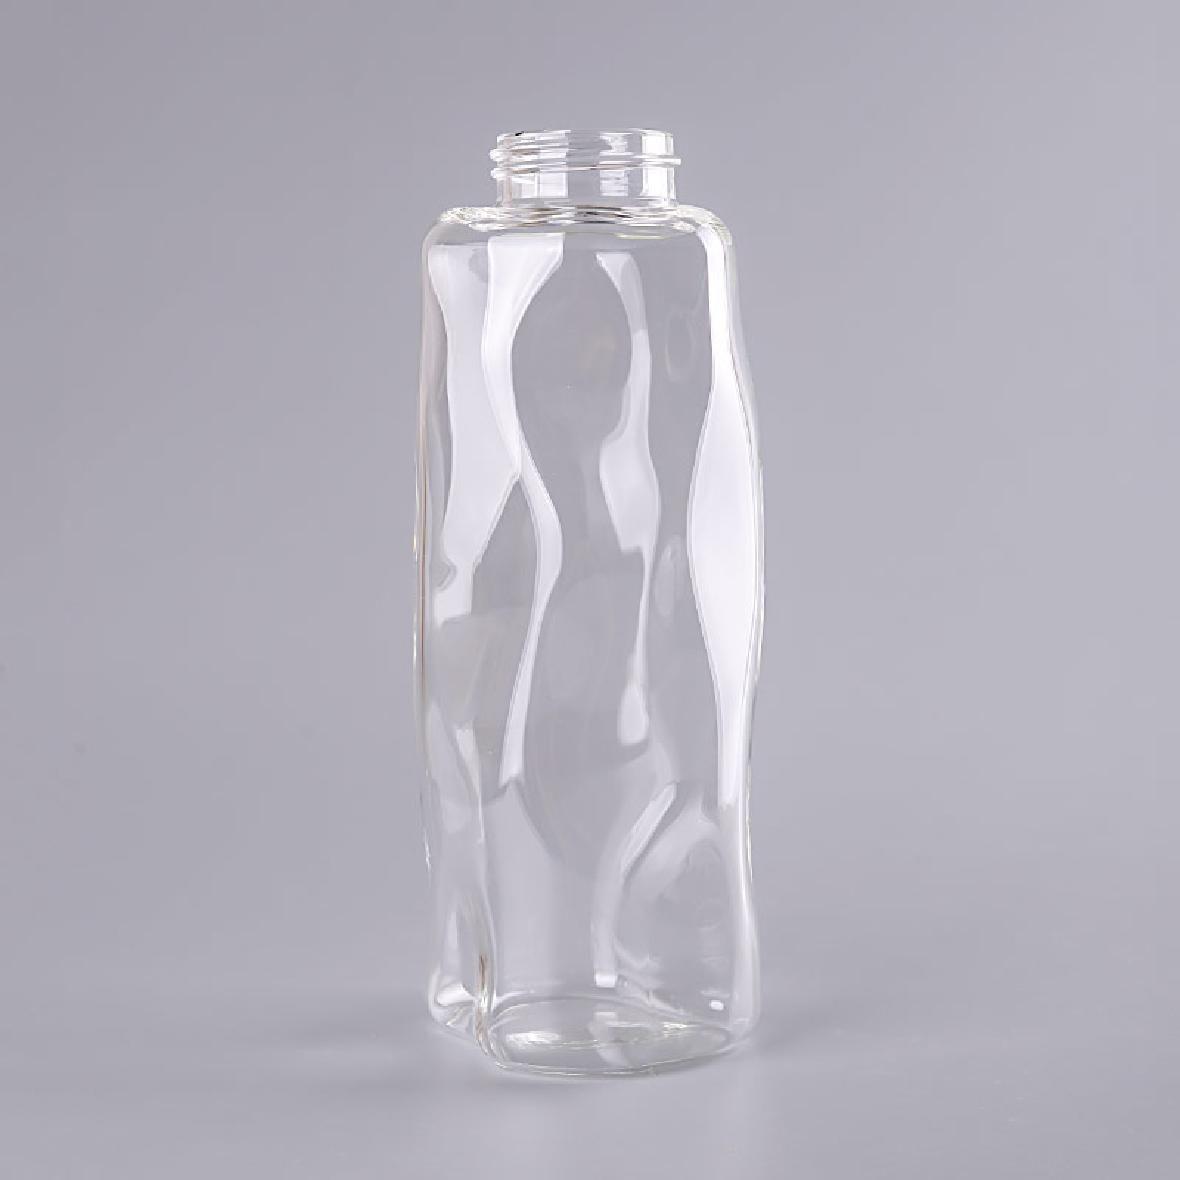 玻璃工艺品厂家